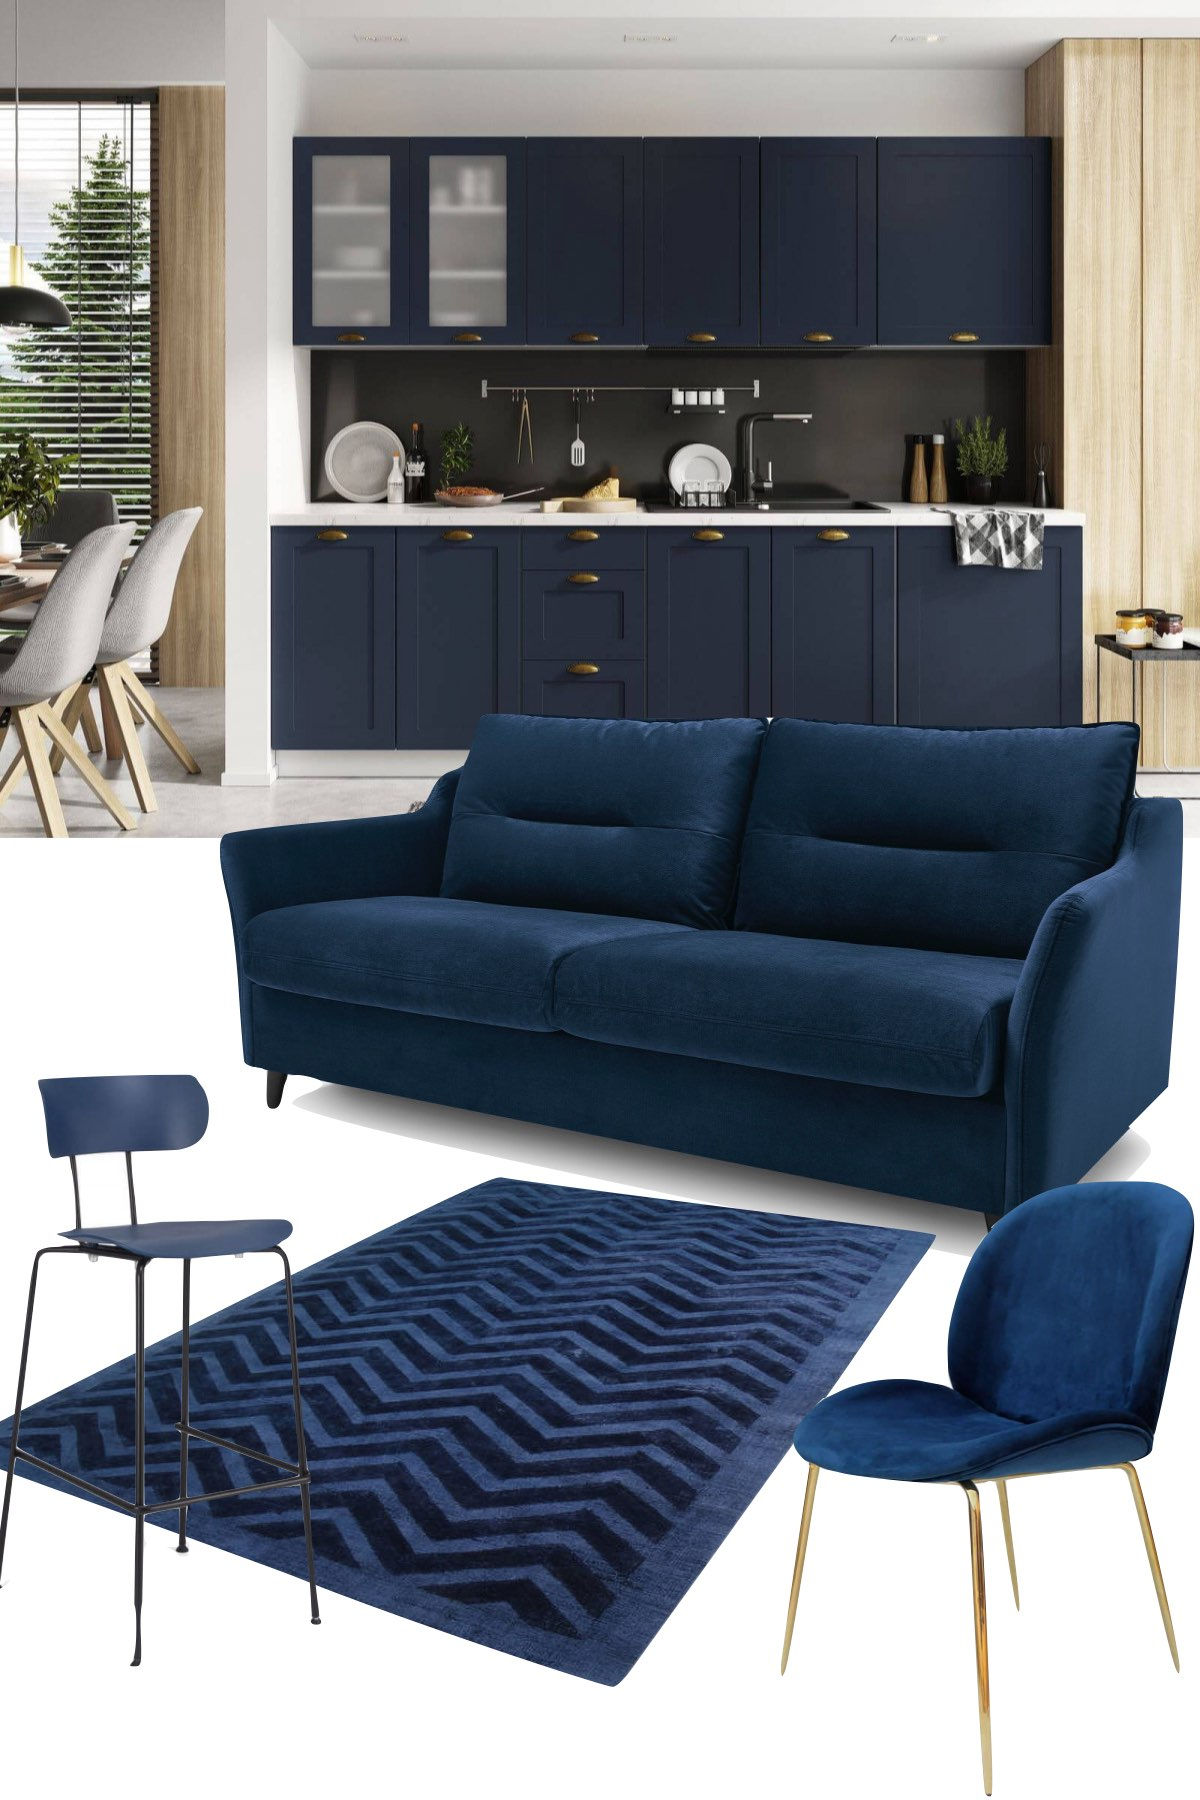 couleurs année 2021 salon bleu foncé velours